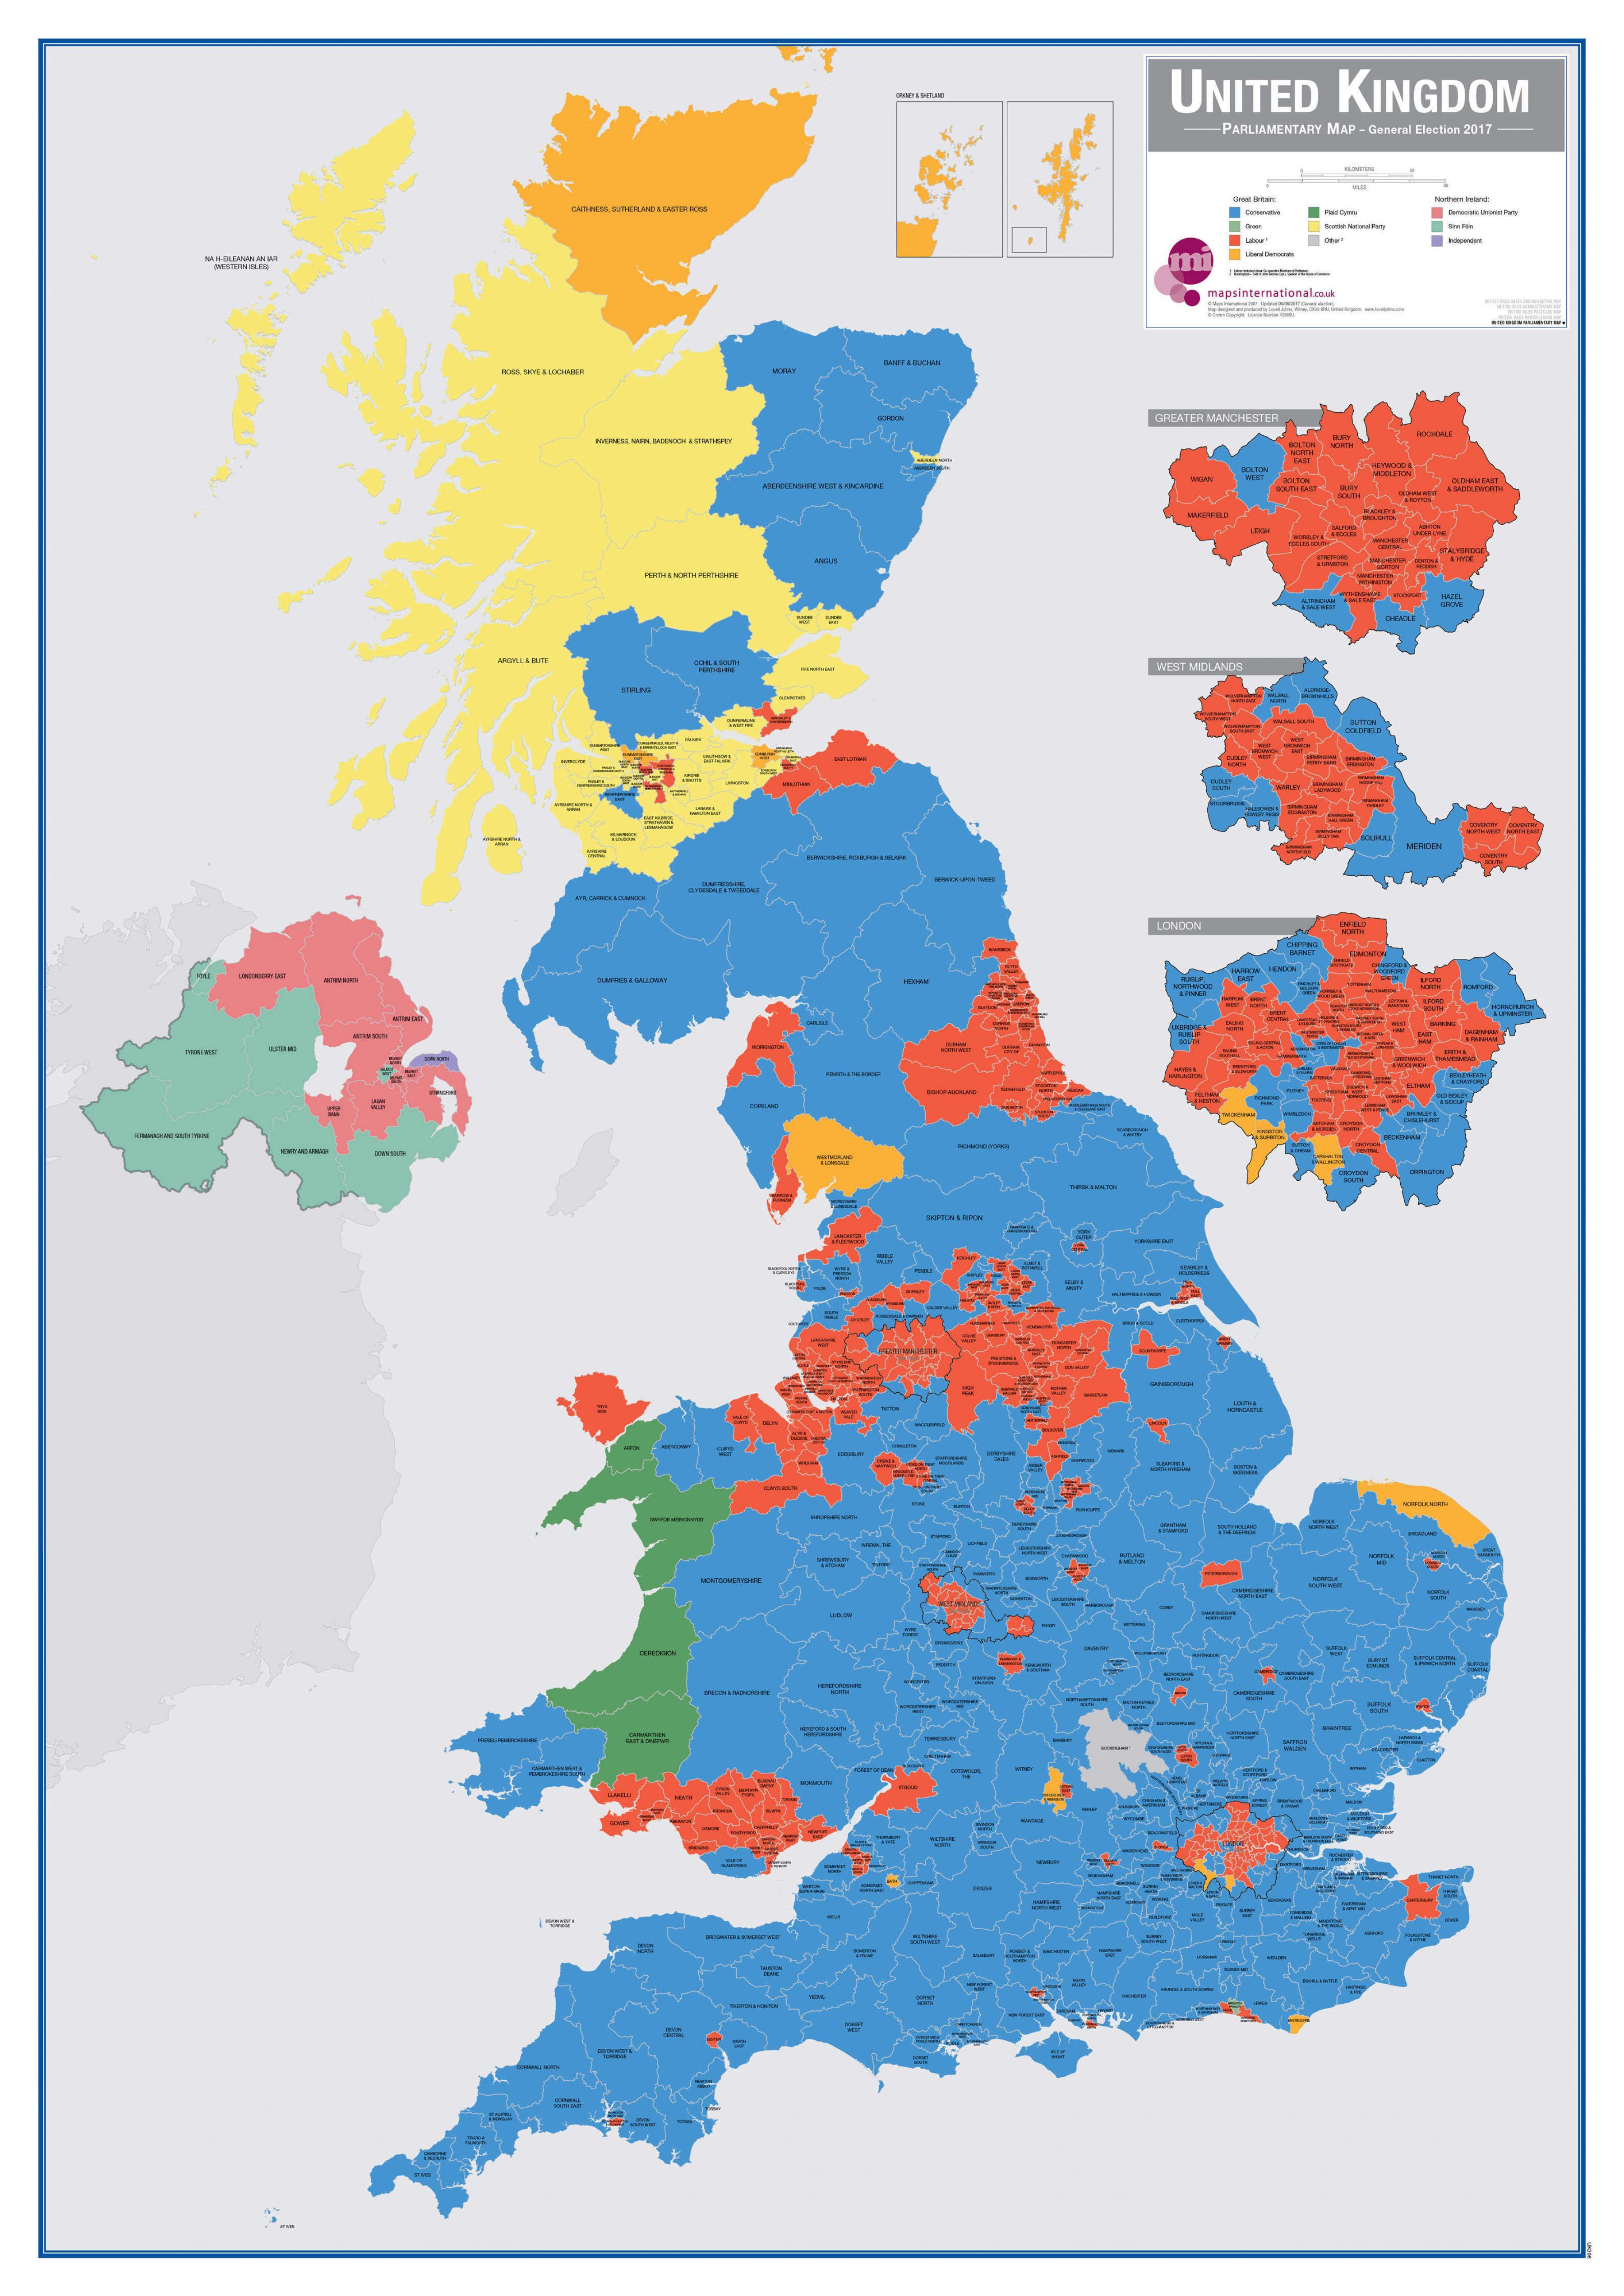 Kort Over Ost Kyst Uk Kort Over Ost England I Det Nordlige Europa